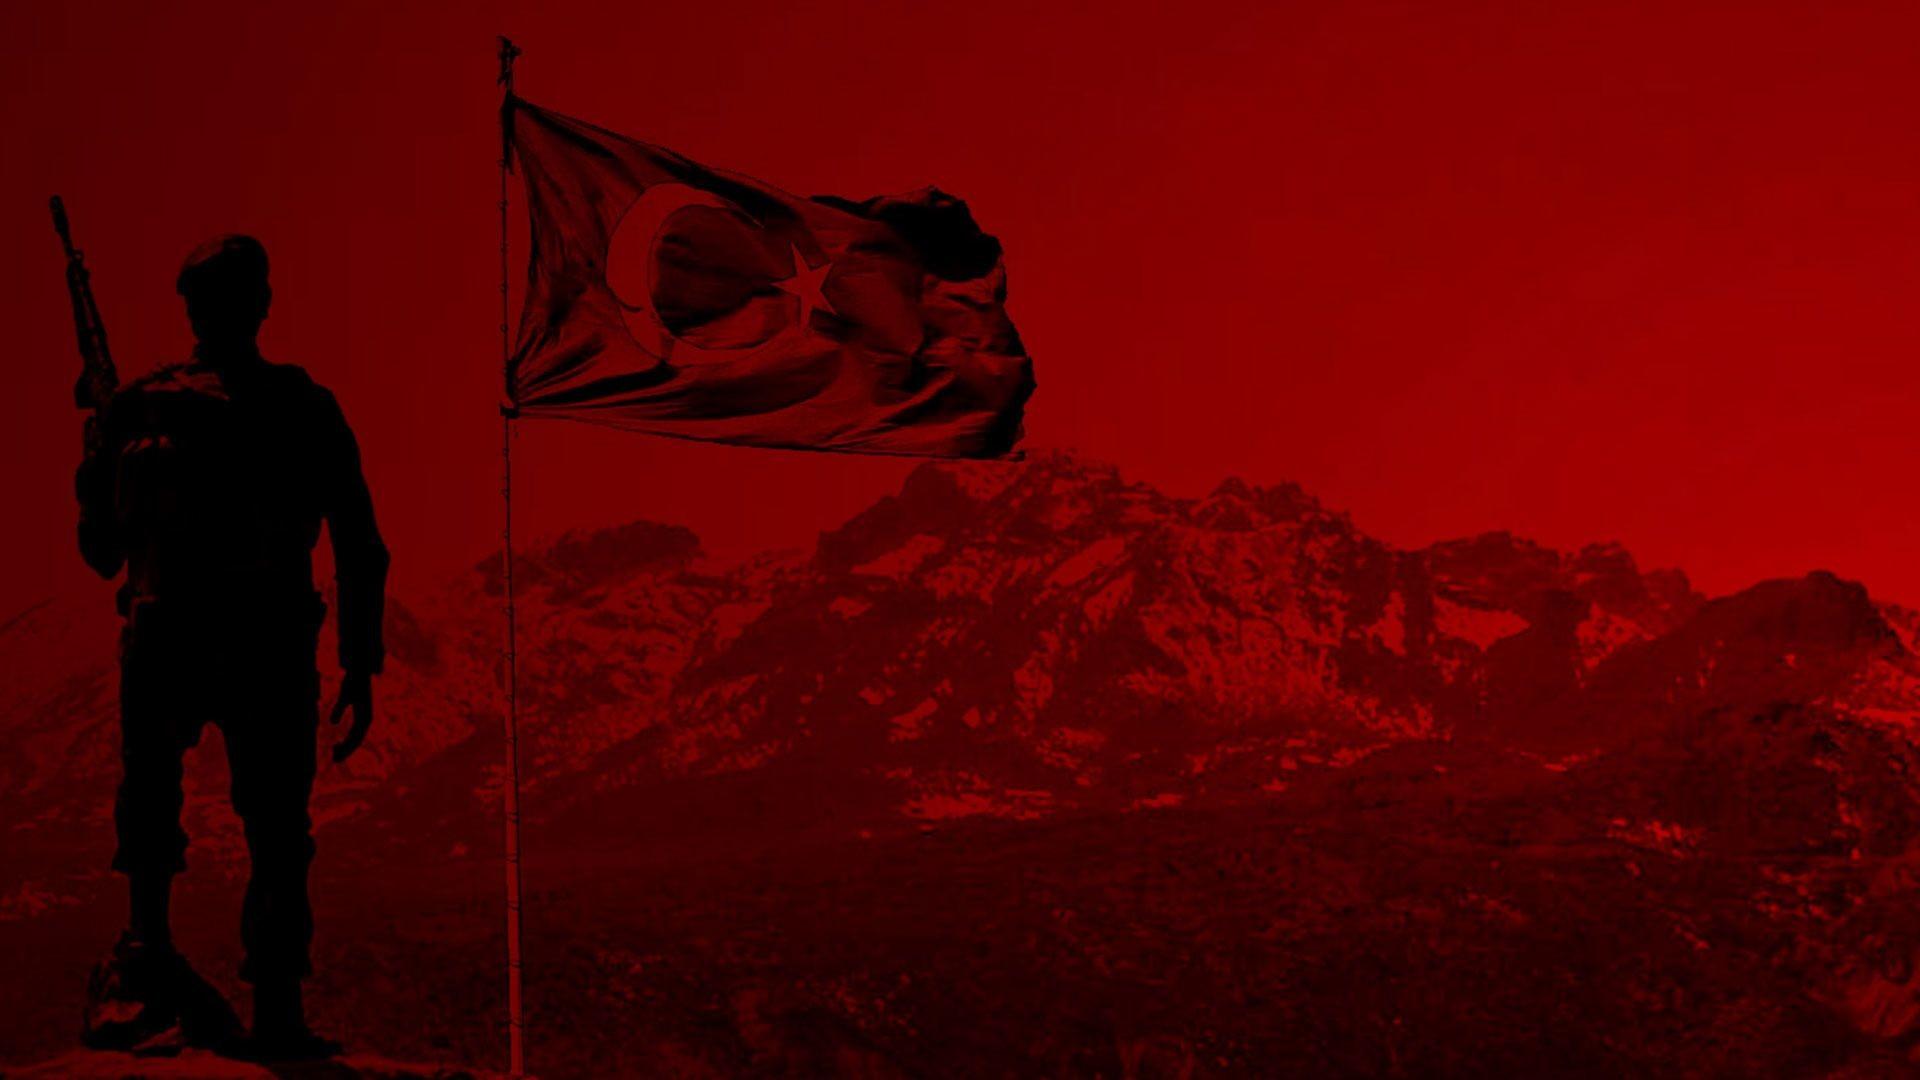 Hd Turk Bayragi Indir 3 Hızlı Resim